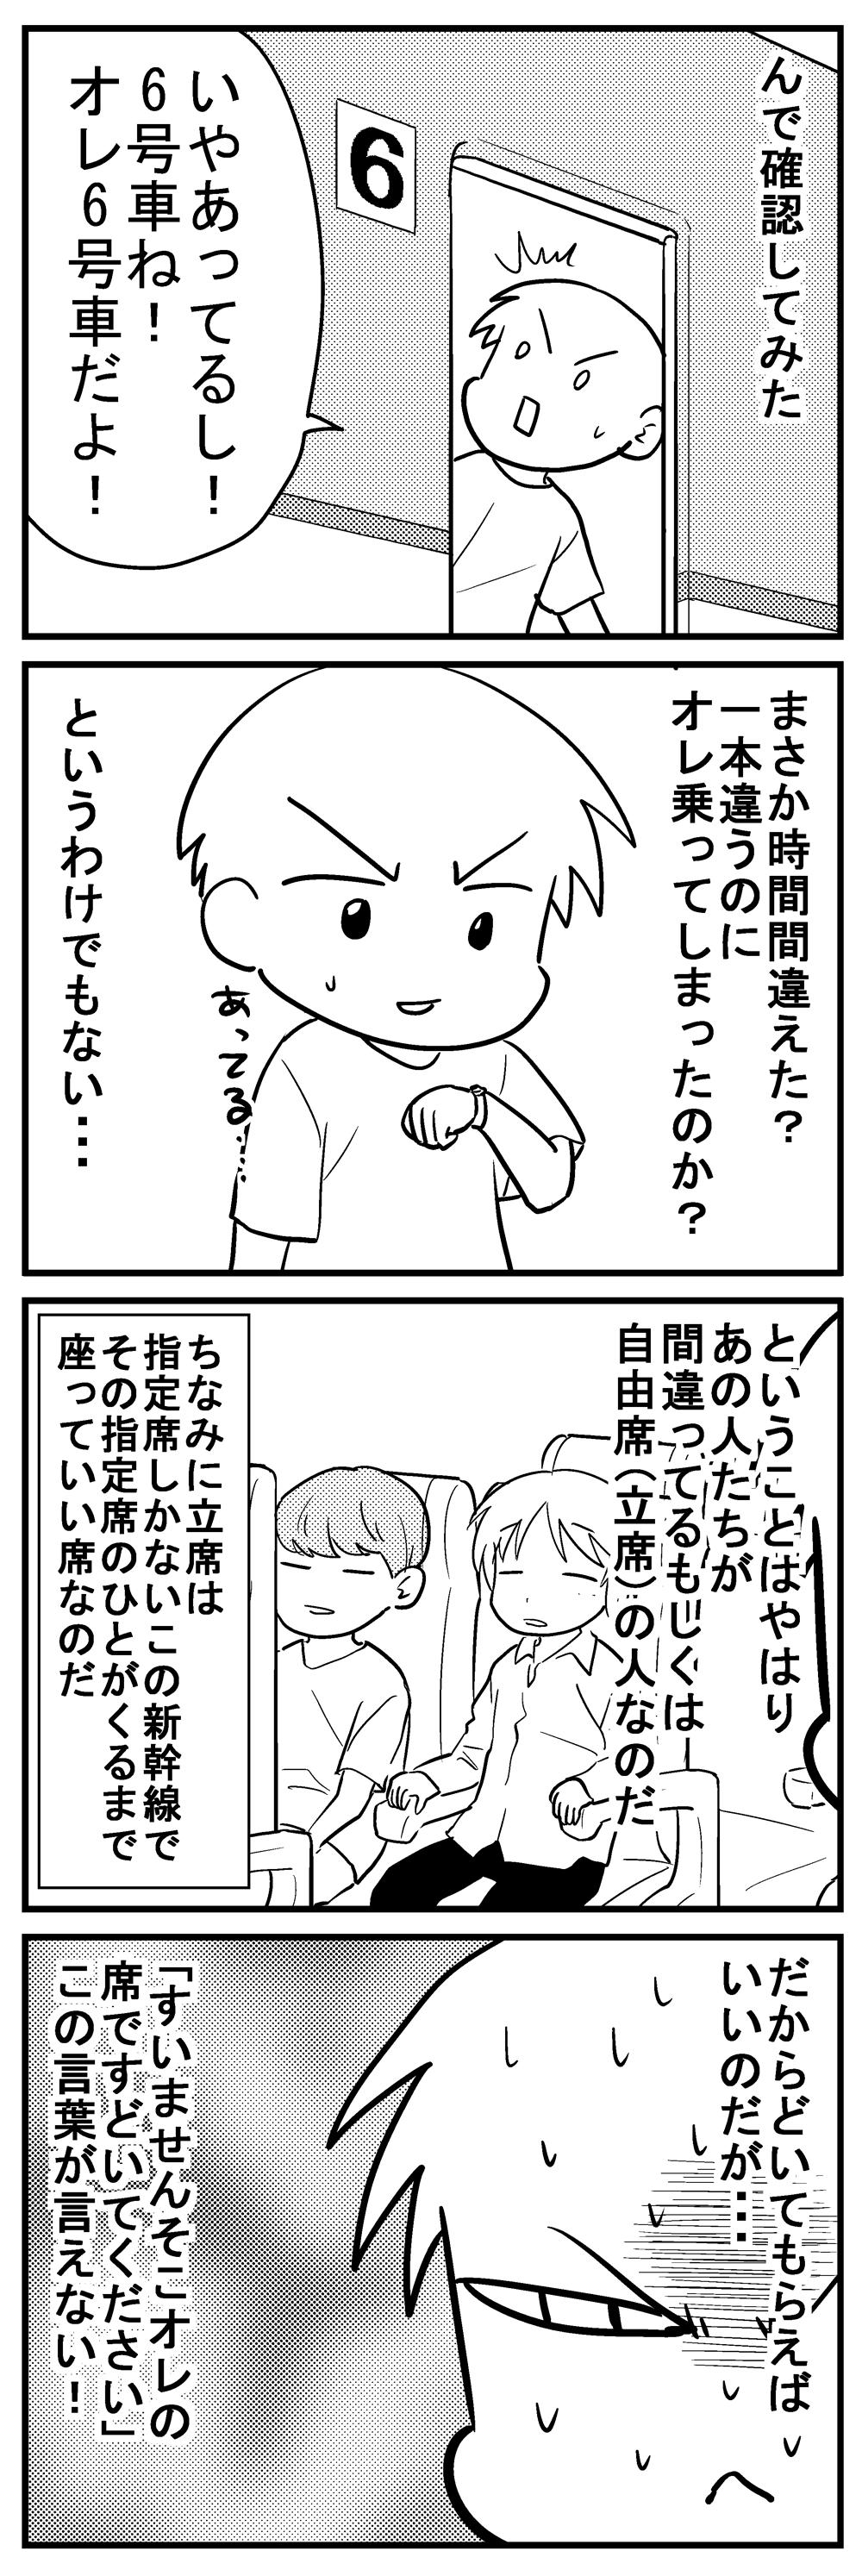 深読みくん60 3